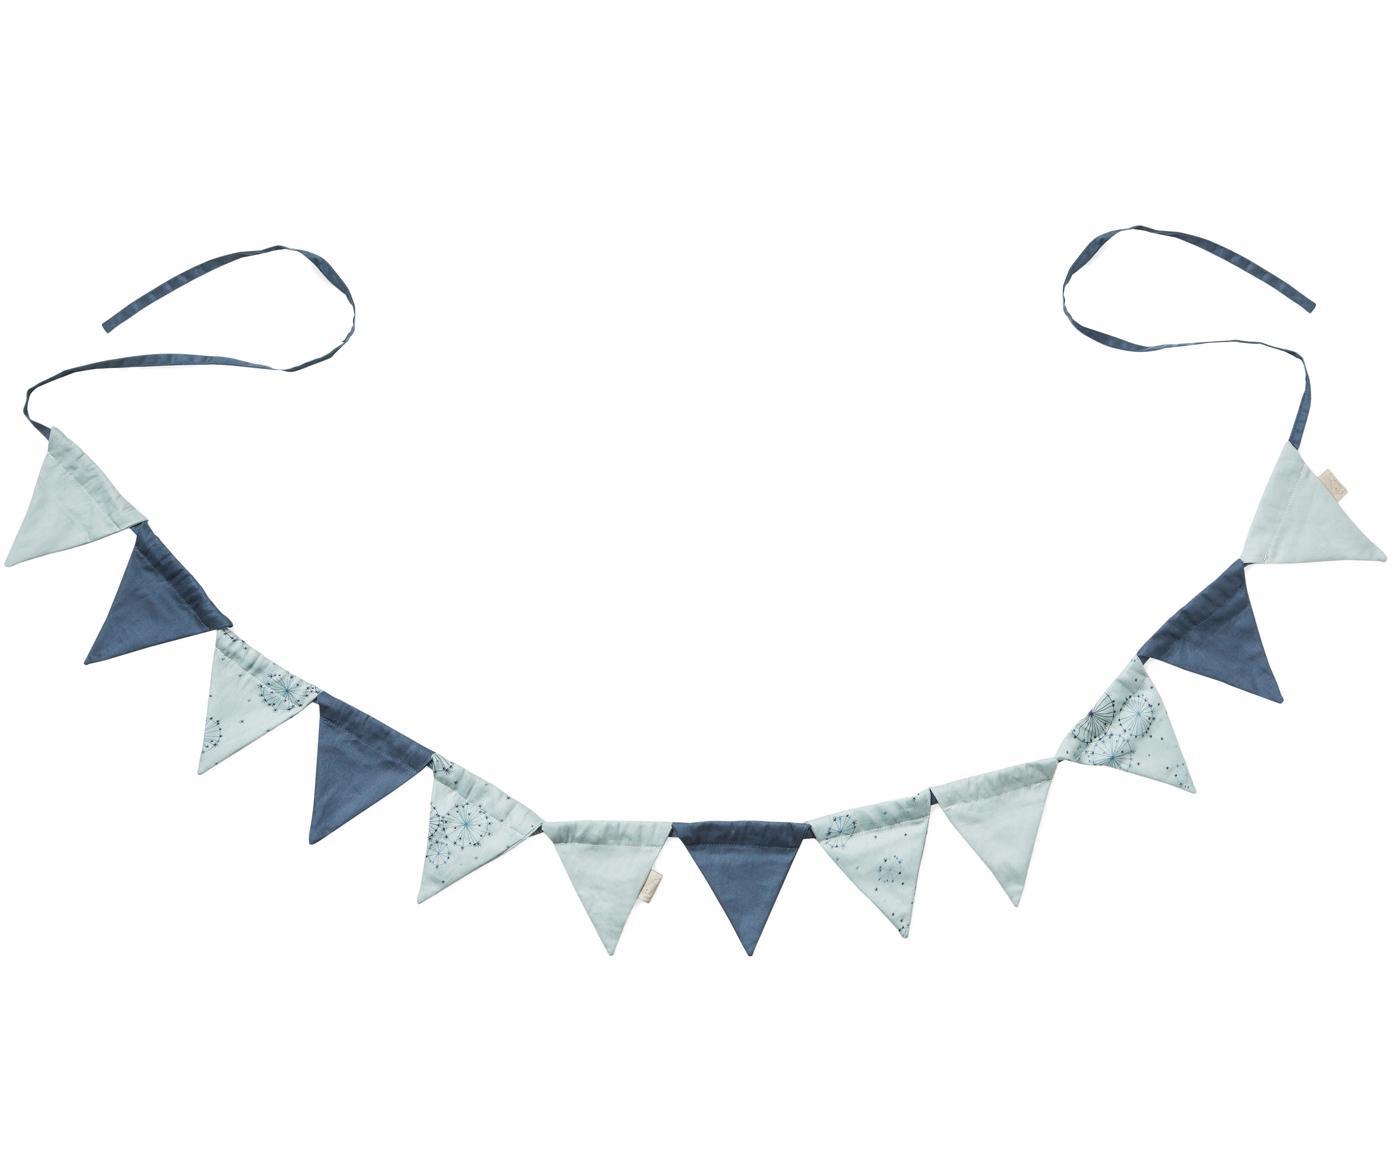 Slinger Flags, Organisch katoen, Blauwtinten, L 230 x H 10 cm